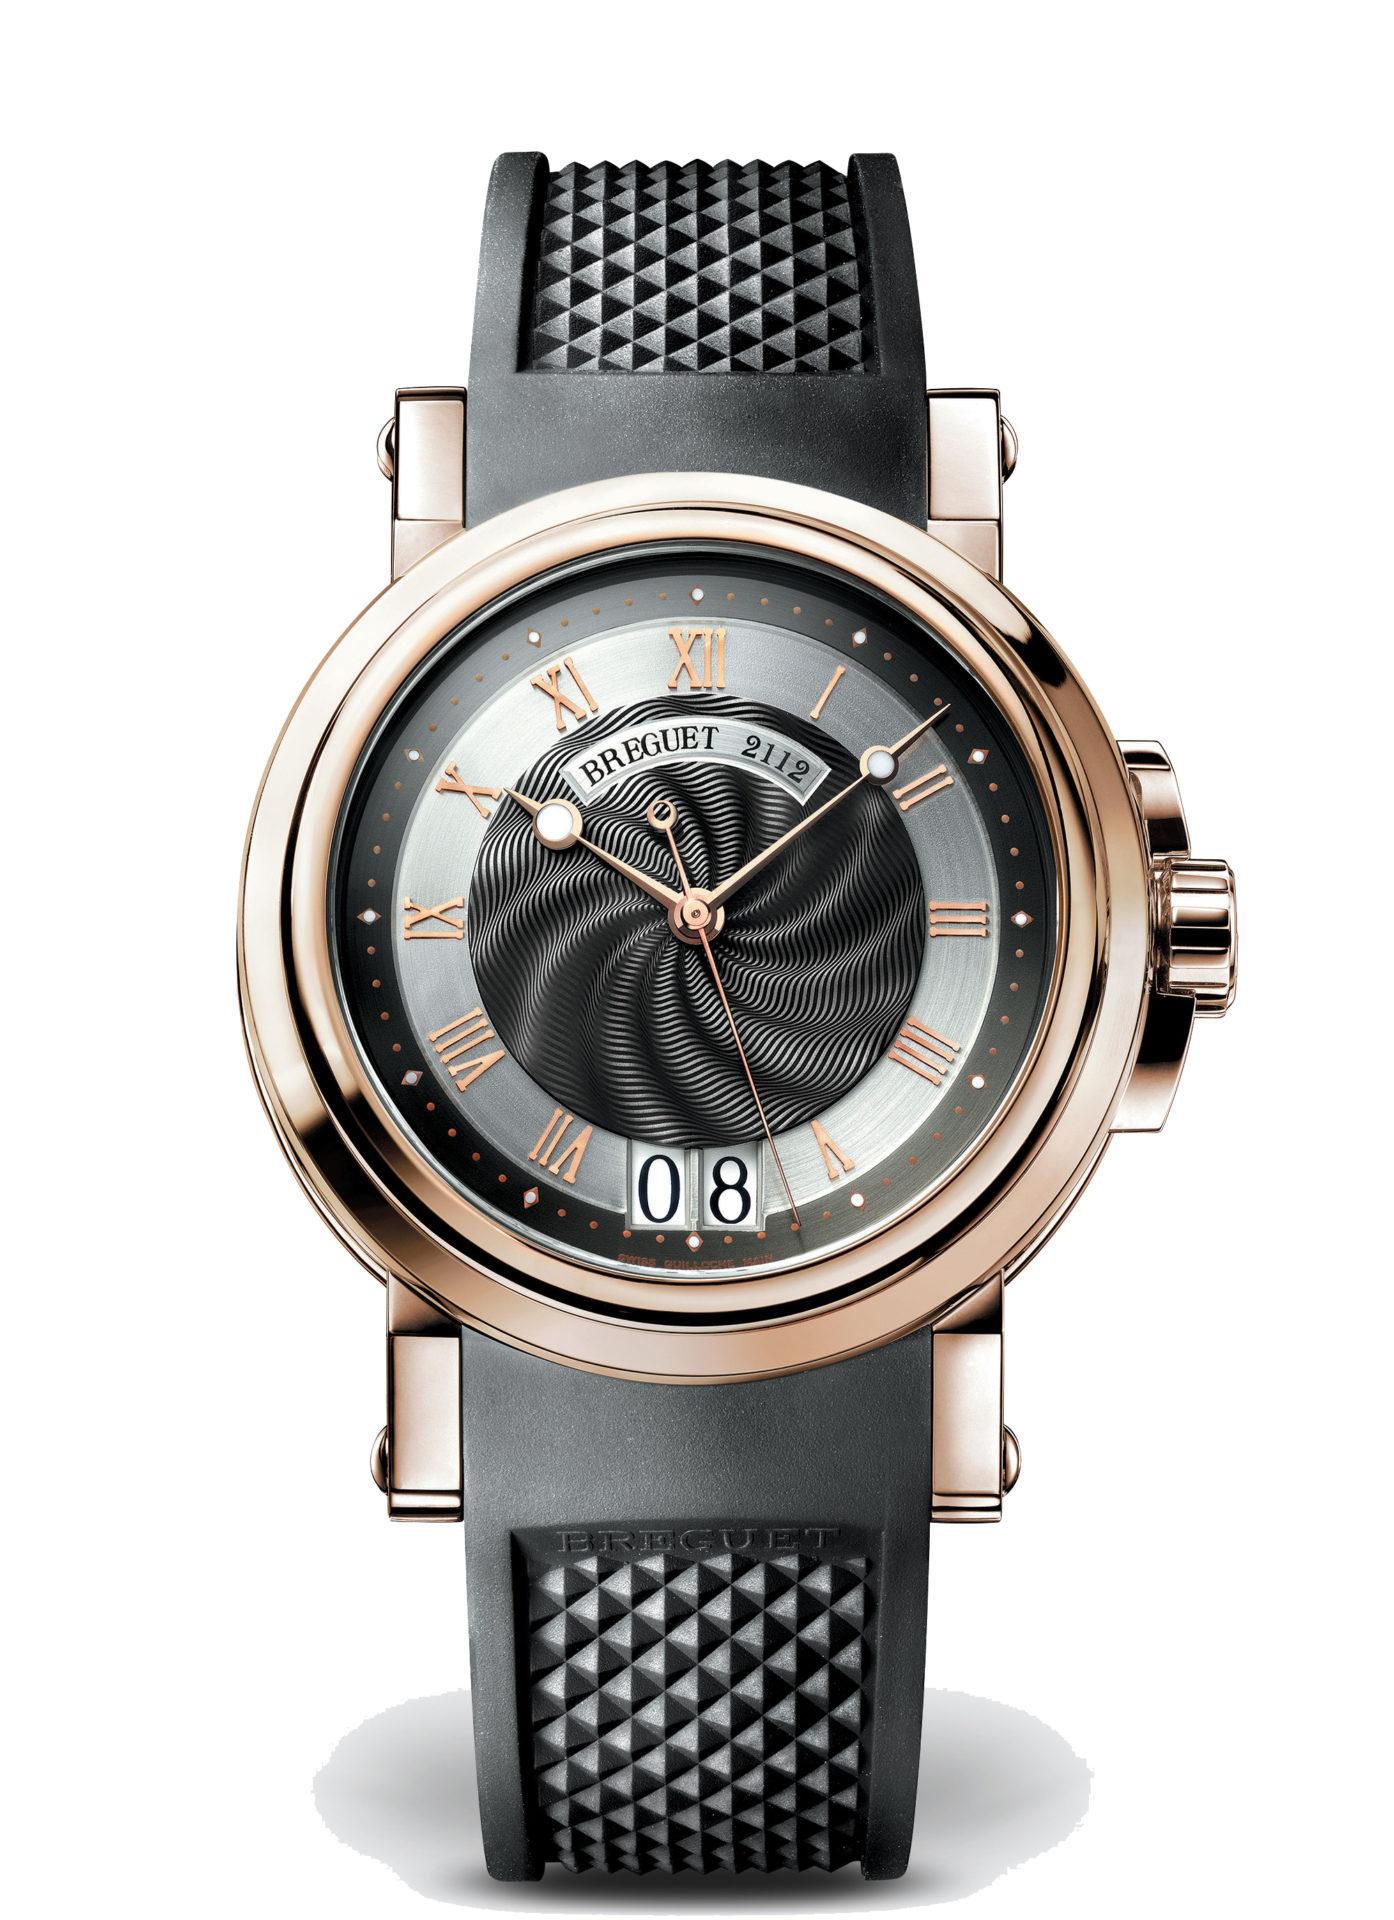 Breguet-La-Marine-5817-Hall-of-Time-5817br-z2-5v8